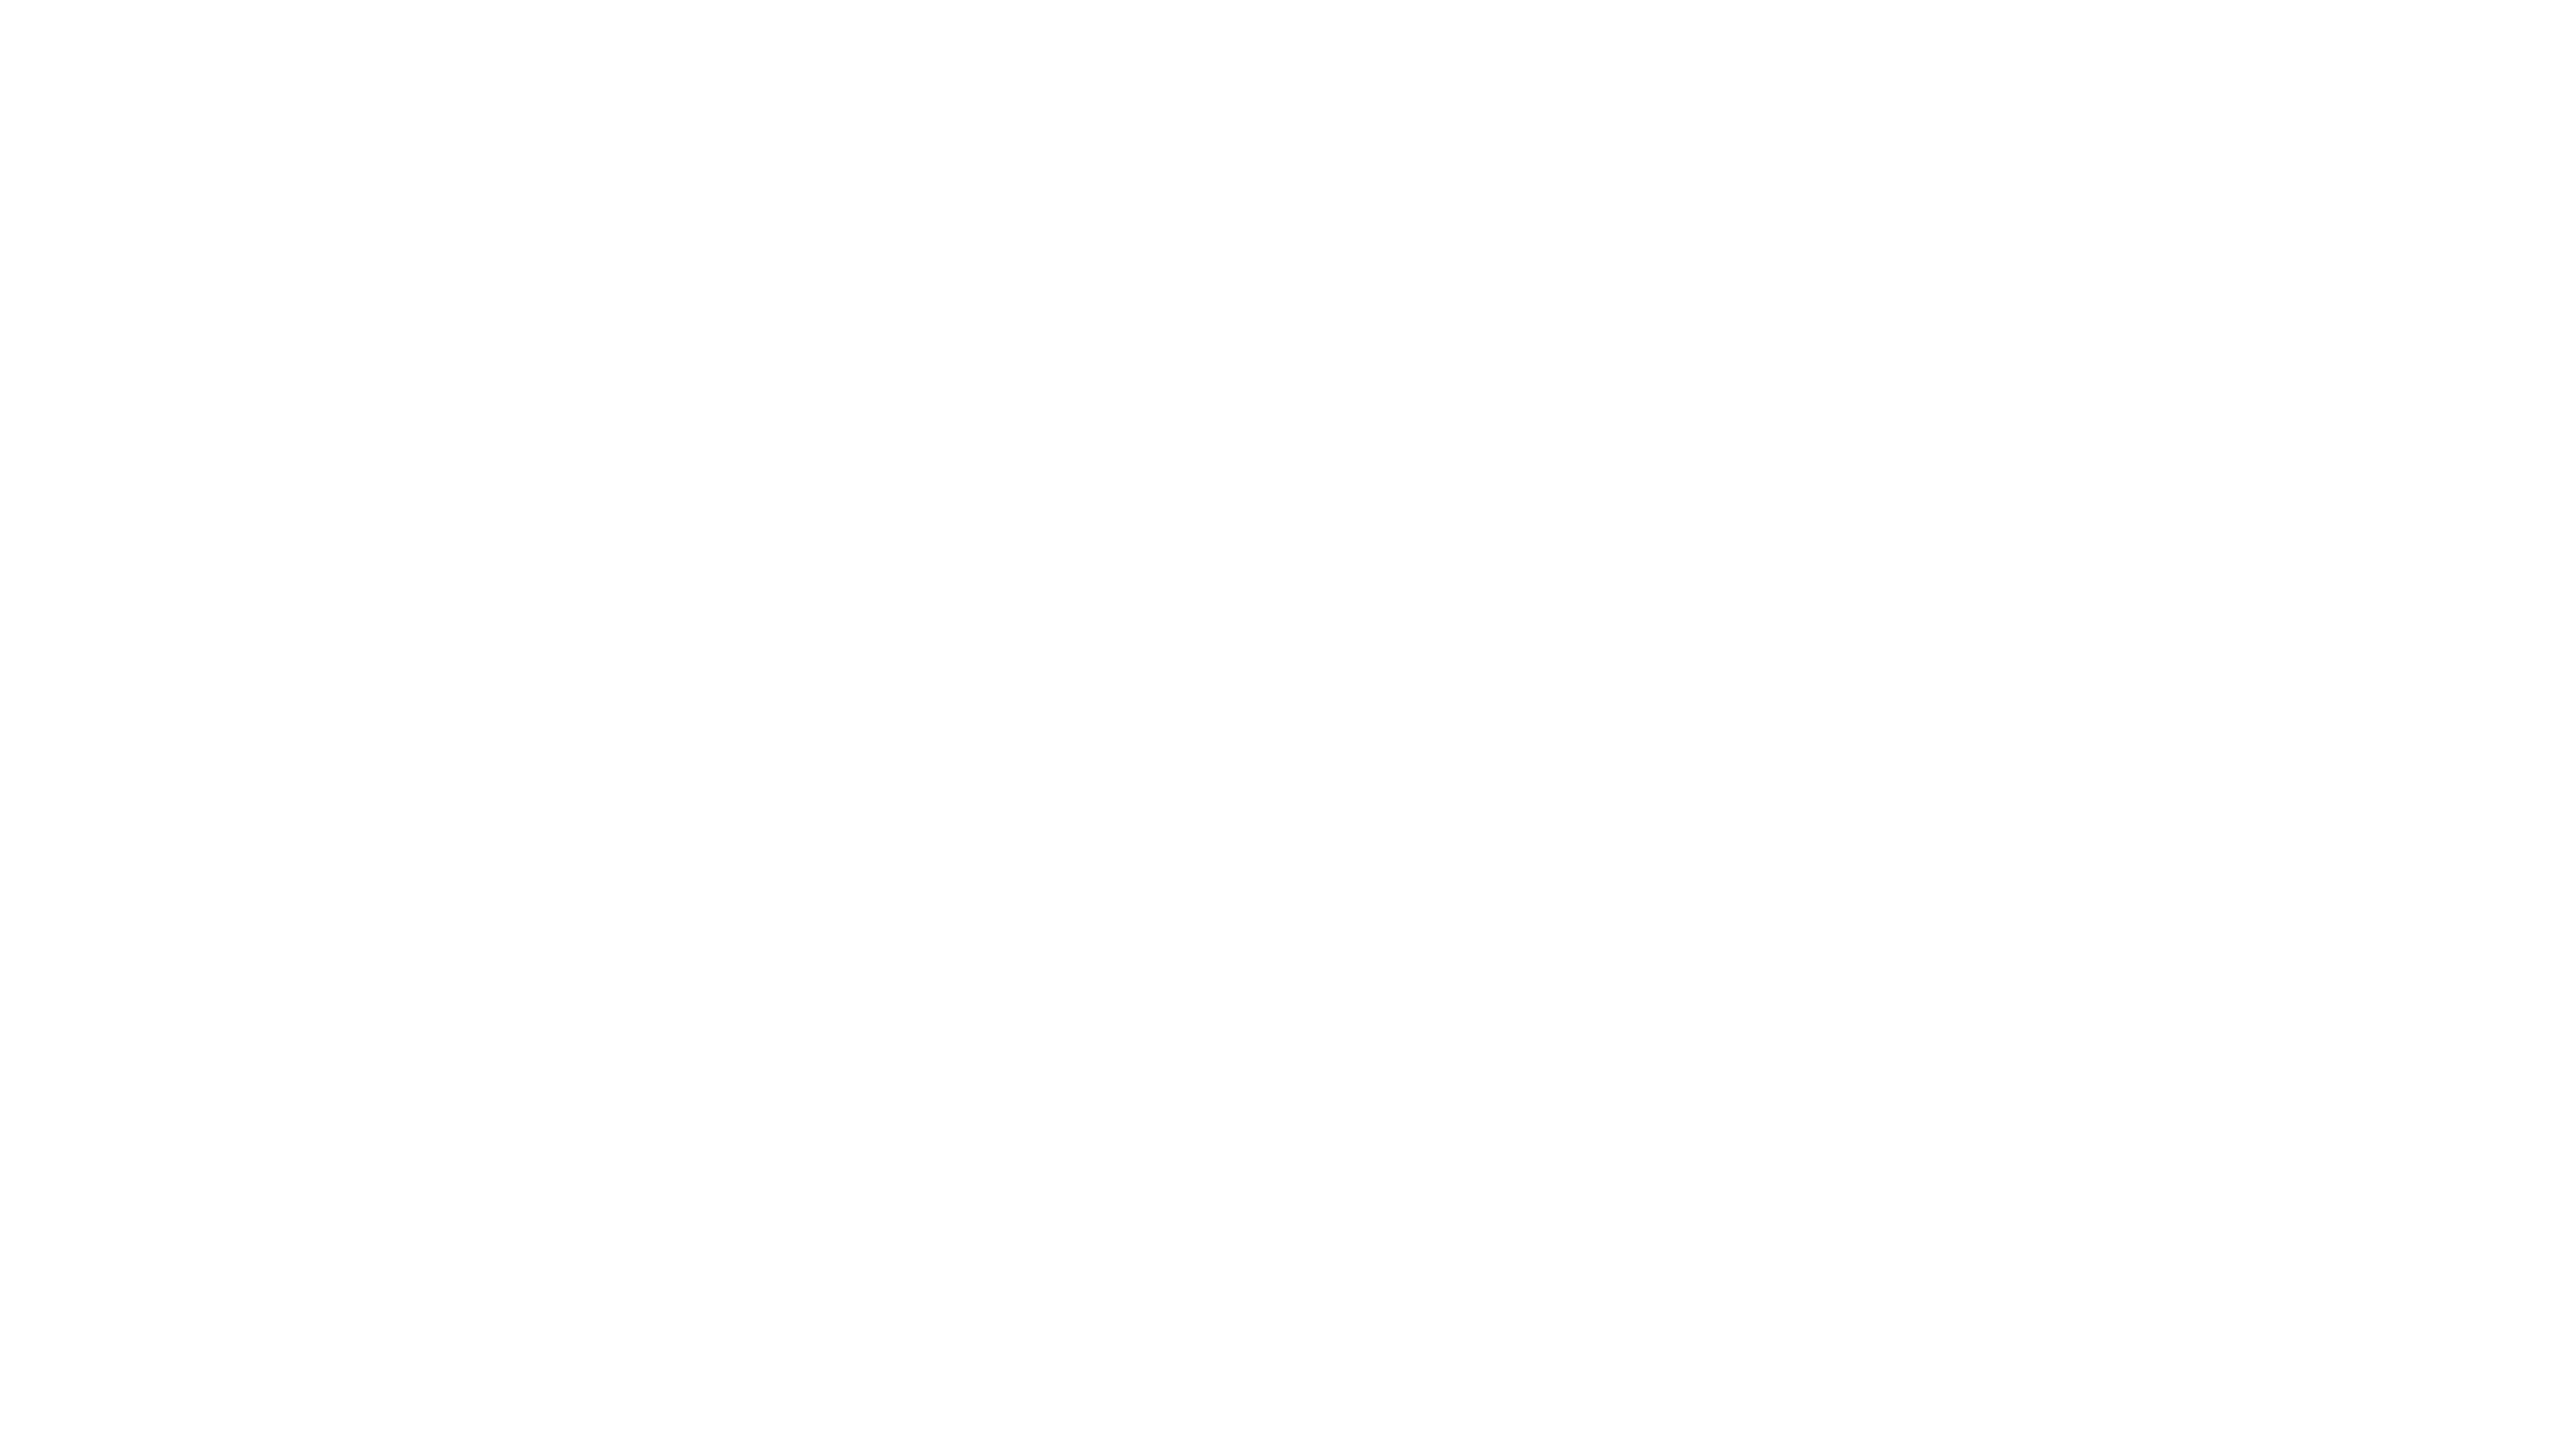 background_Zeichenfläche-1